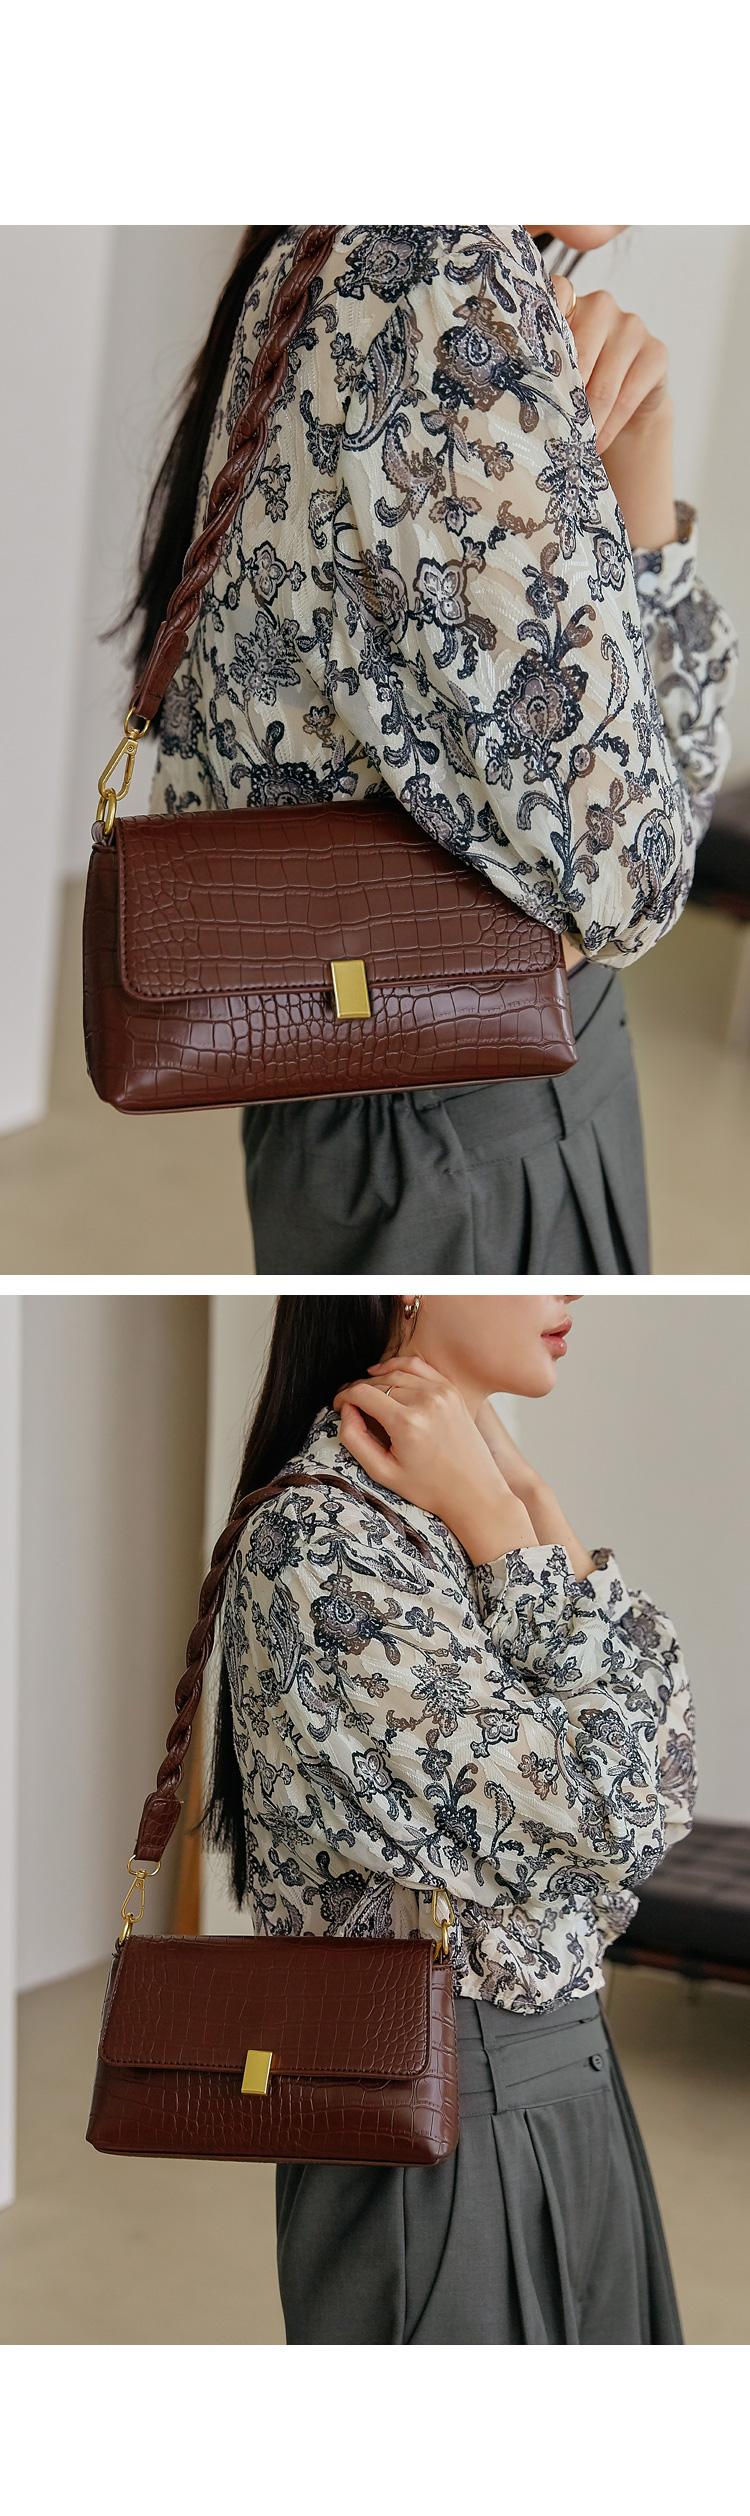 Crocodile Skin Shoulder Bag